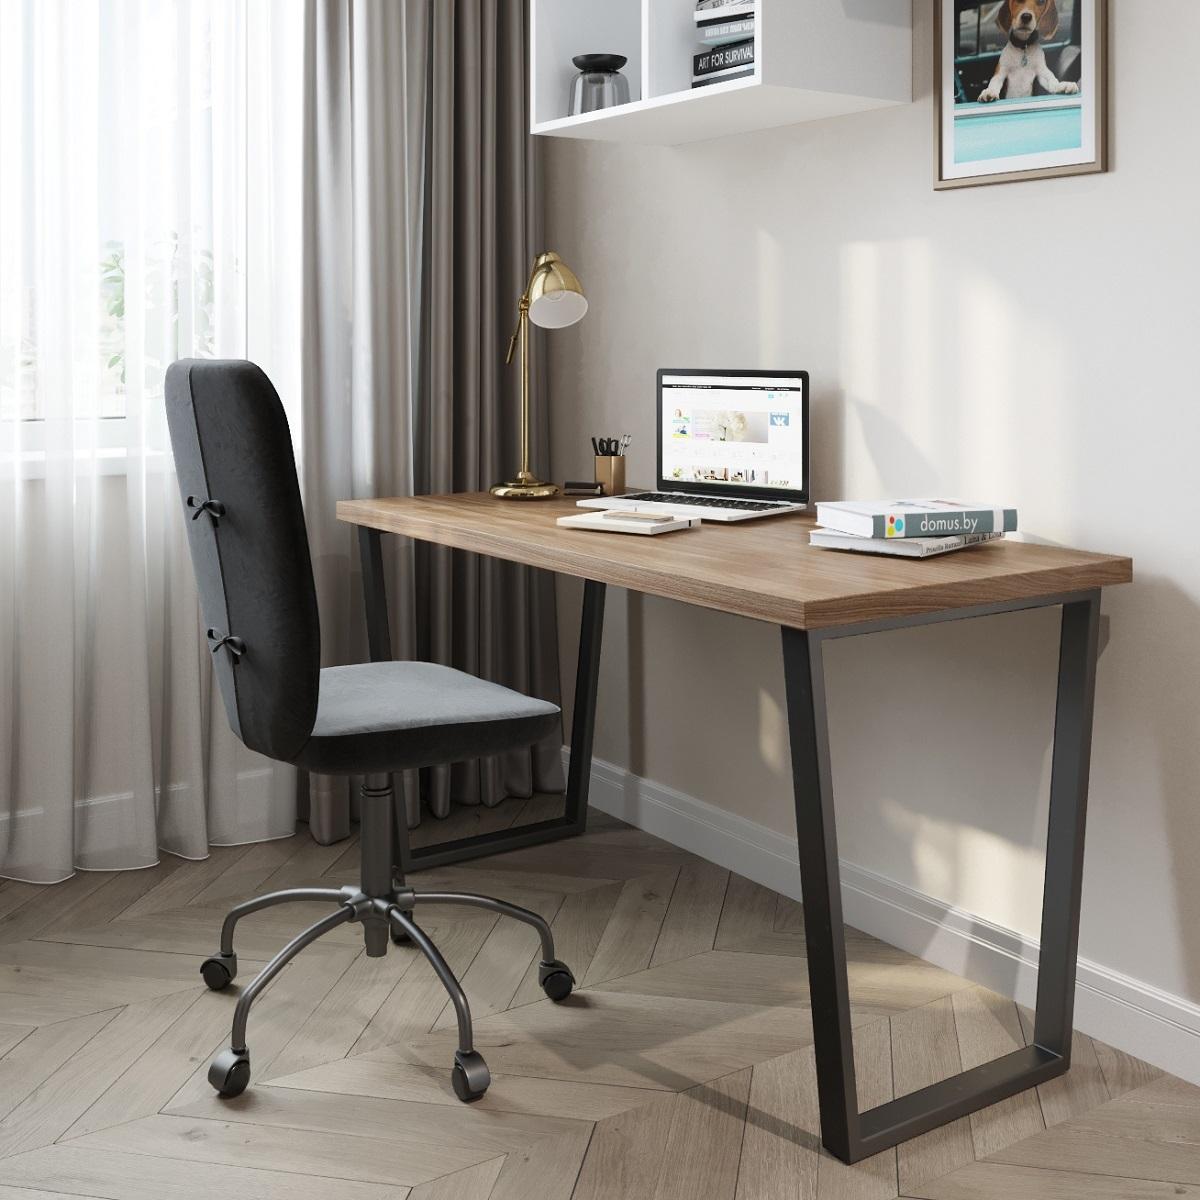 Письменный стол ДОМУС СП013 орех темный/металл черный